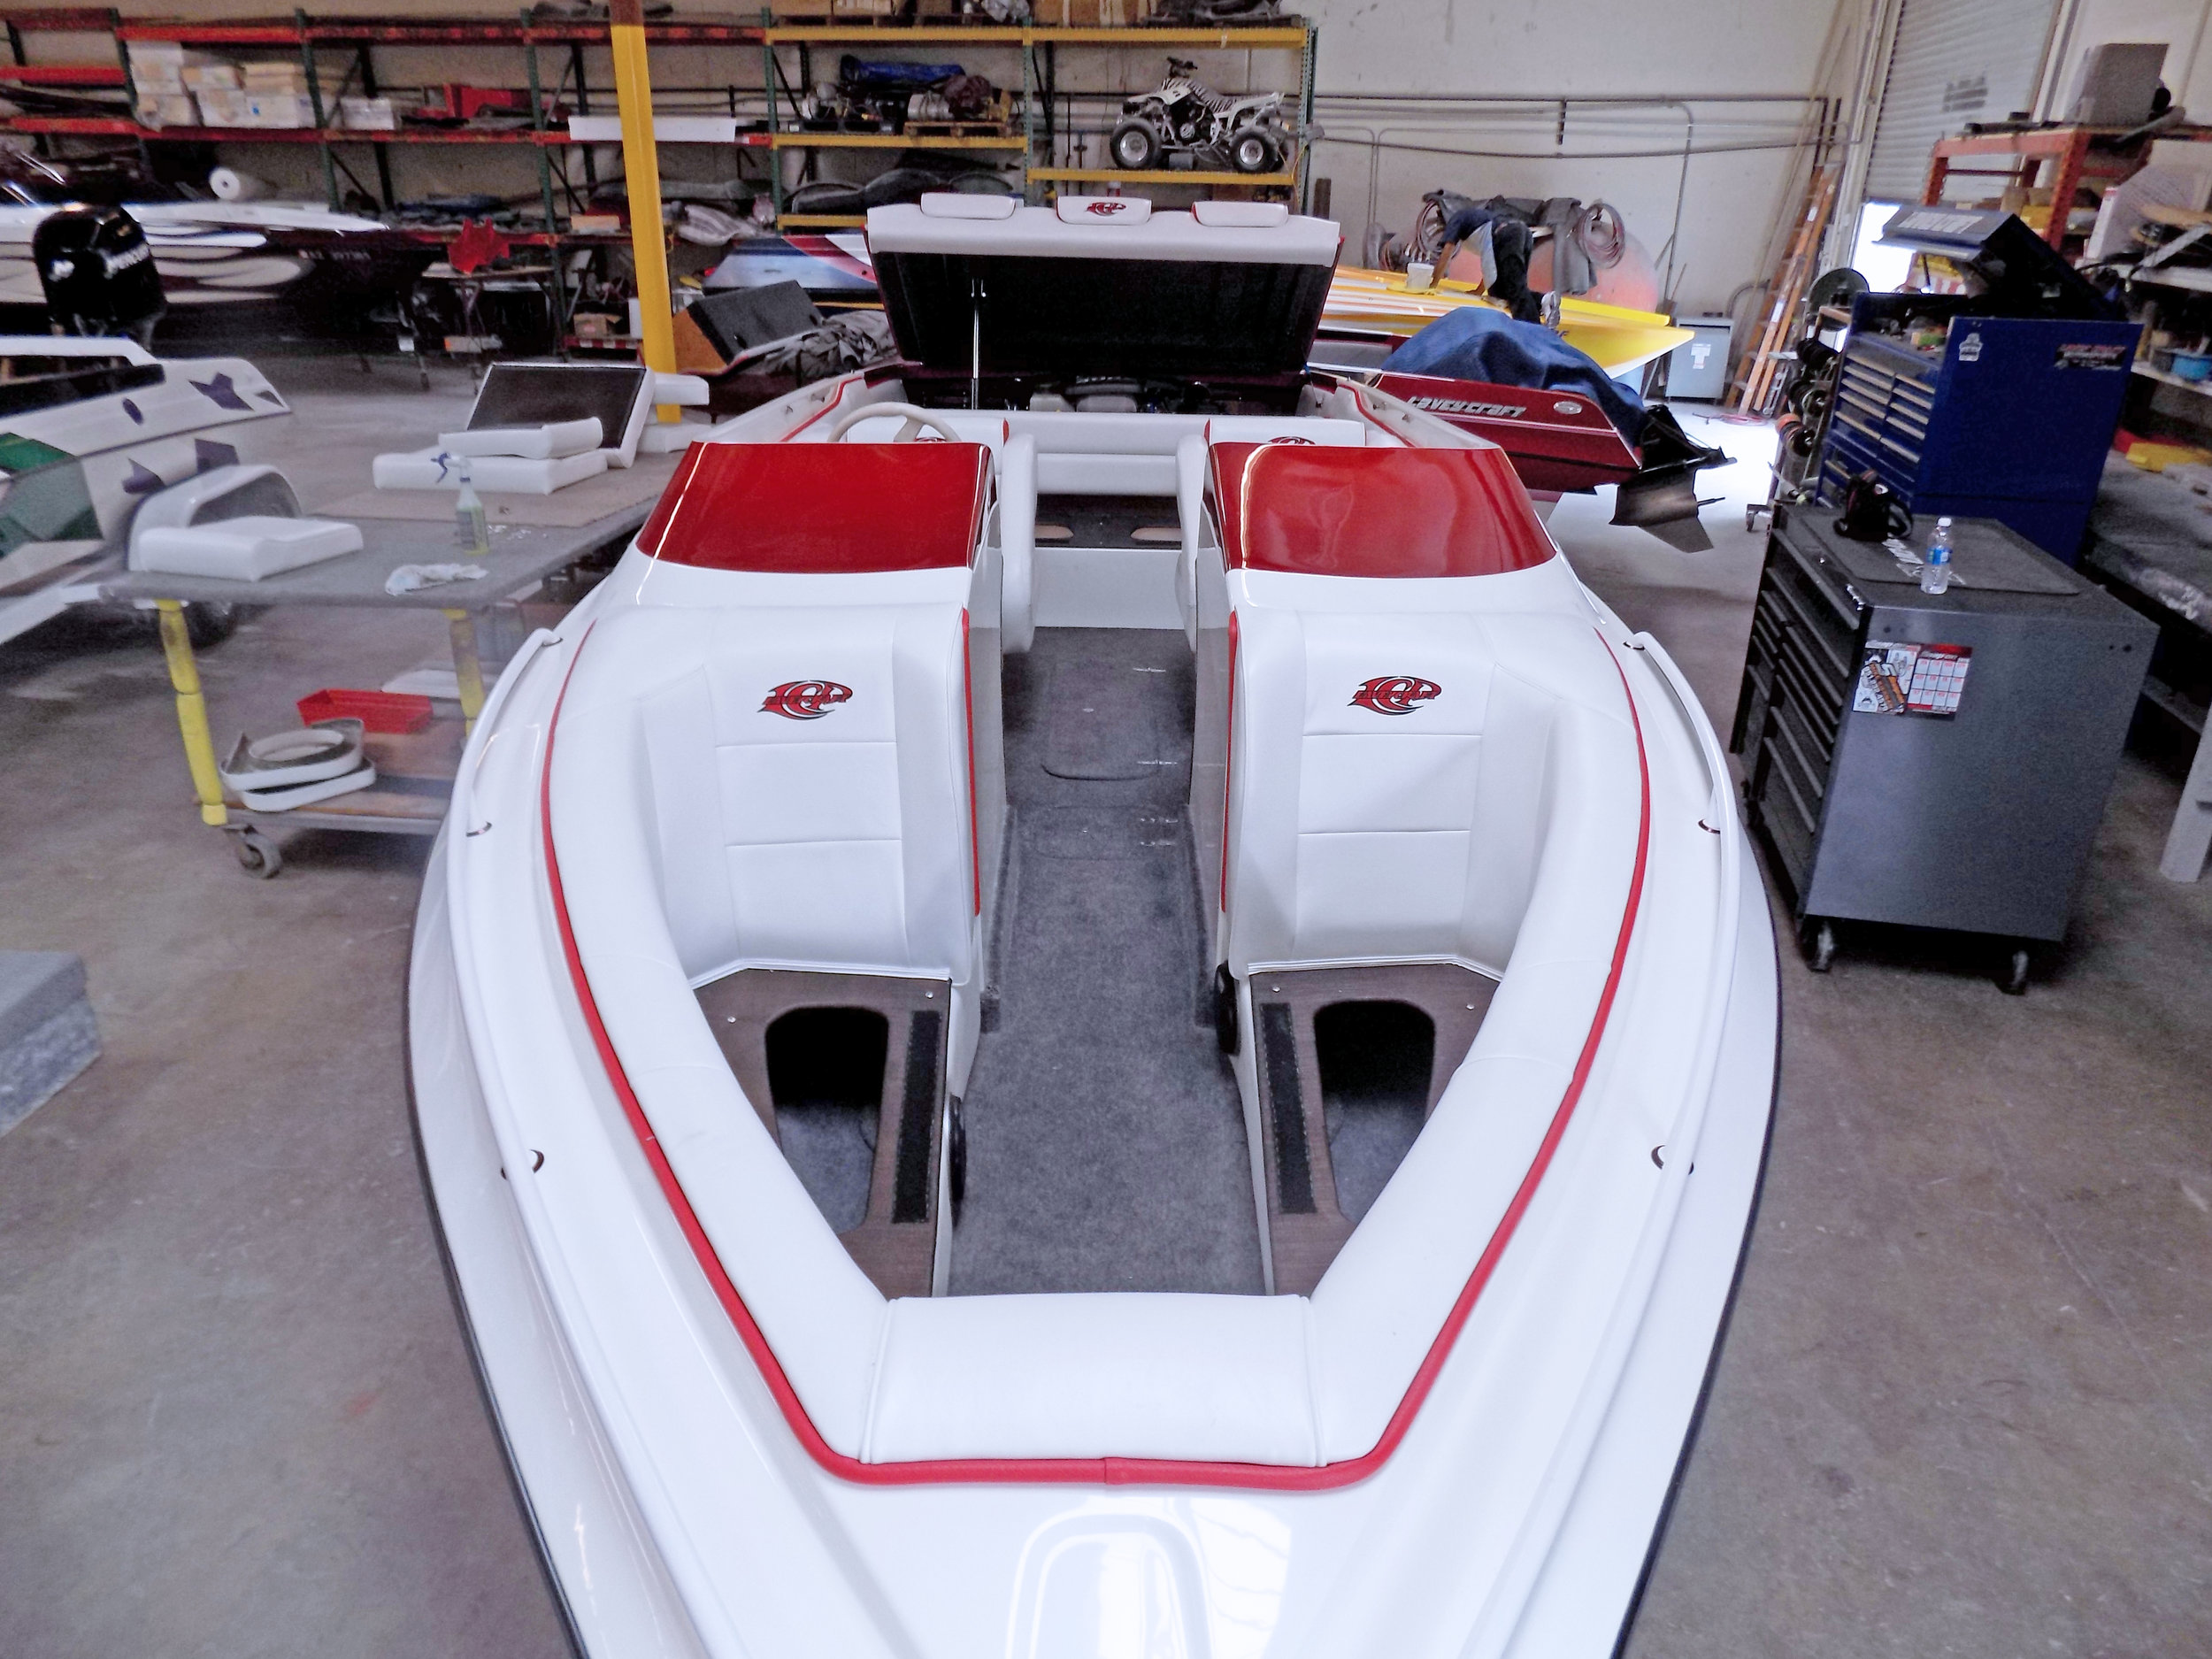 Lavey Craft restoration 21 XTSki - pic 3.jpg